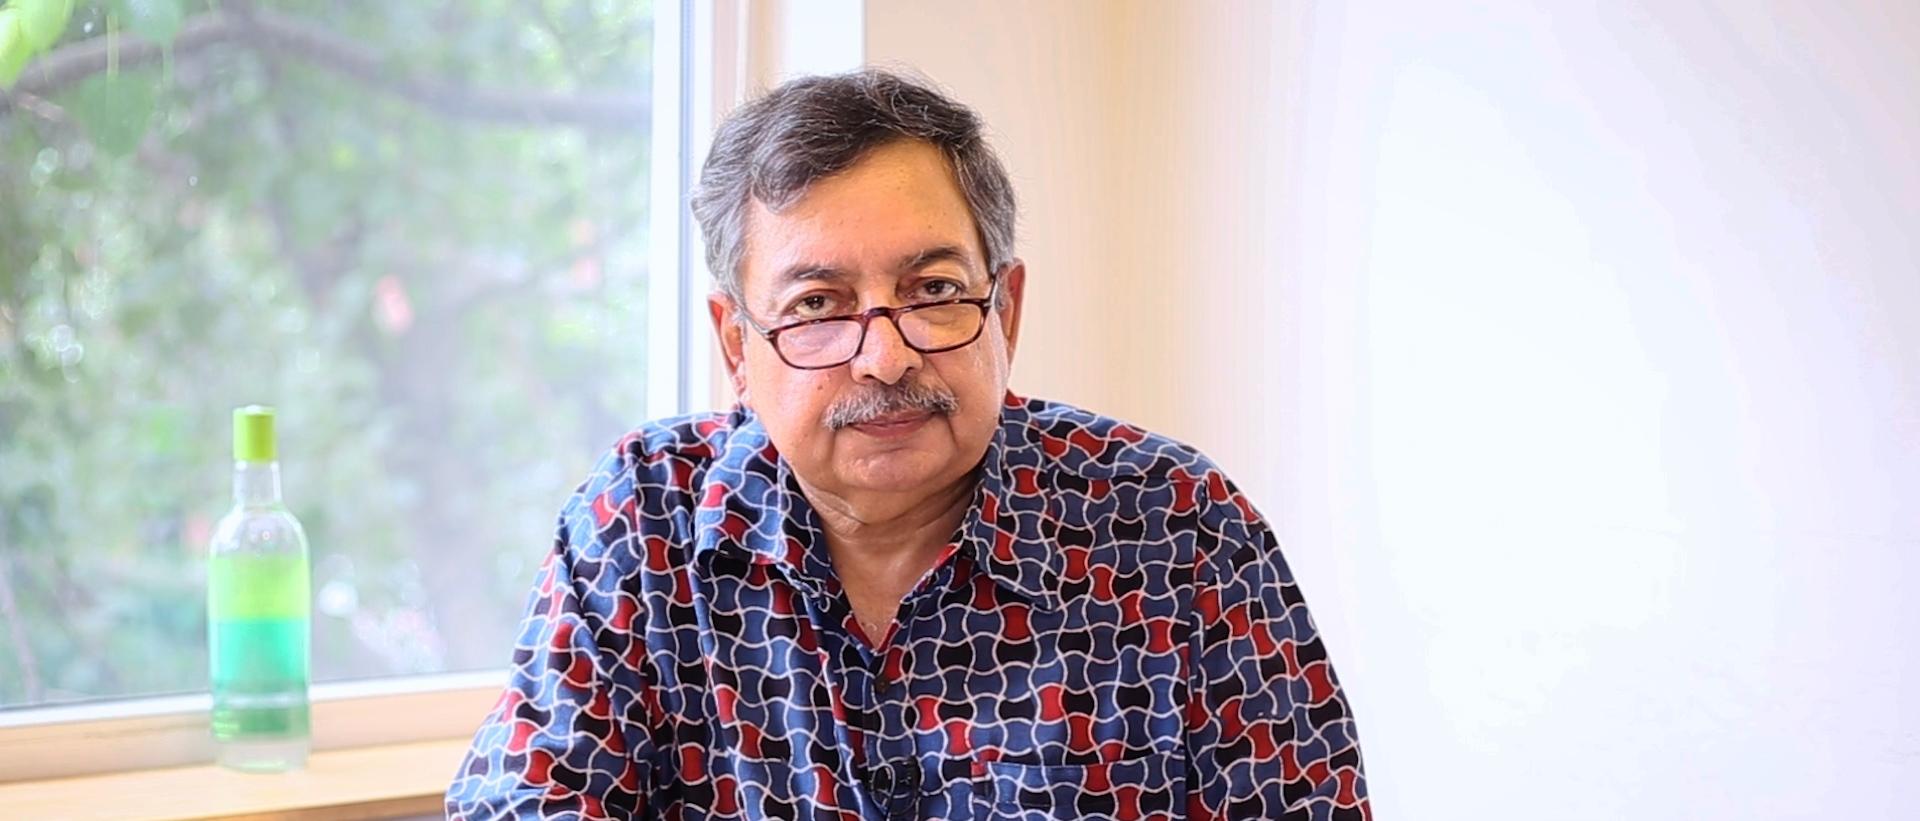 विनोद दुआ. (फोटो: द वायर)